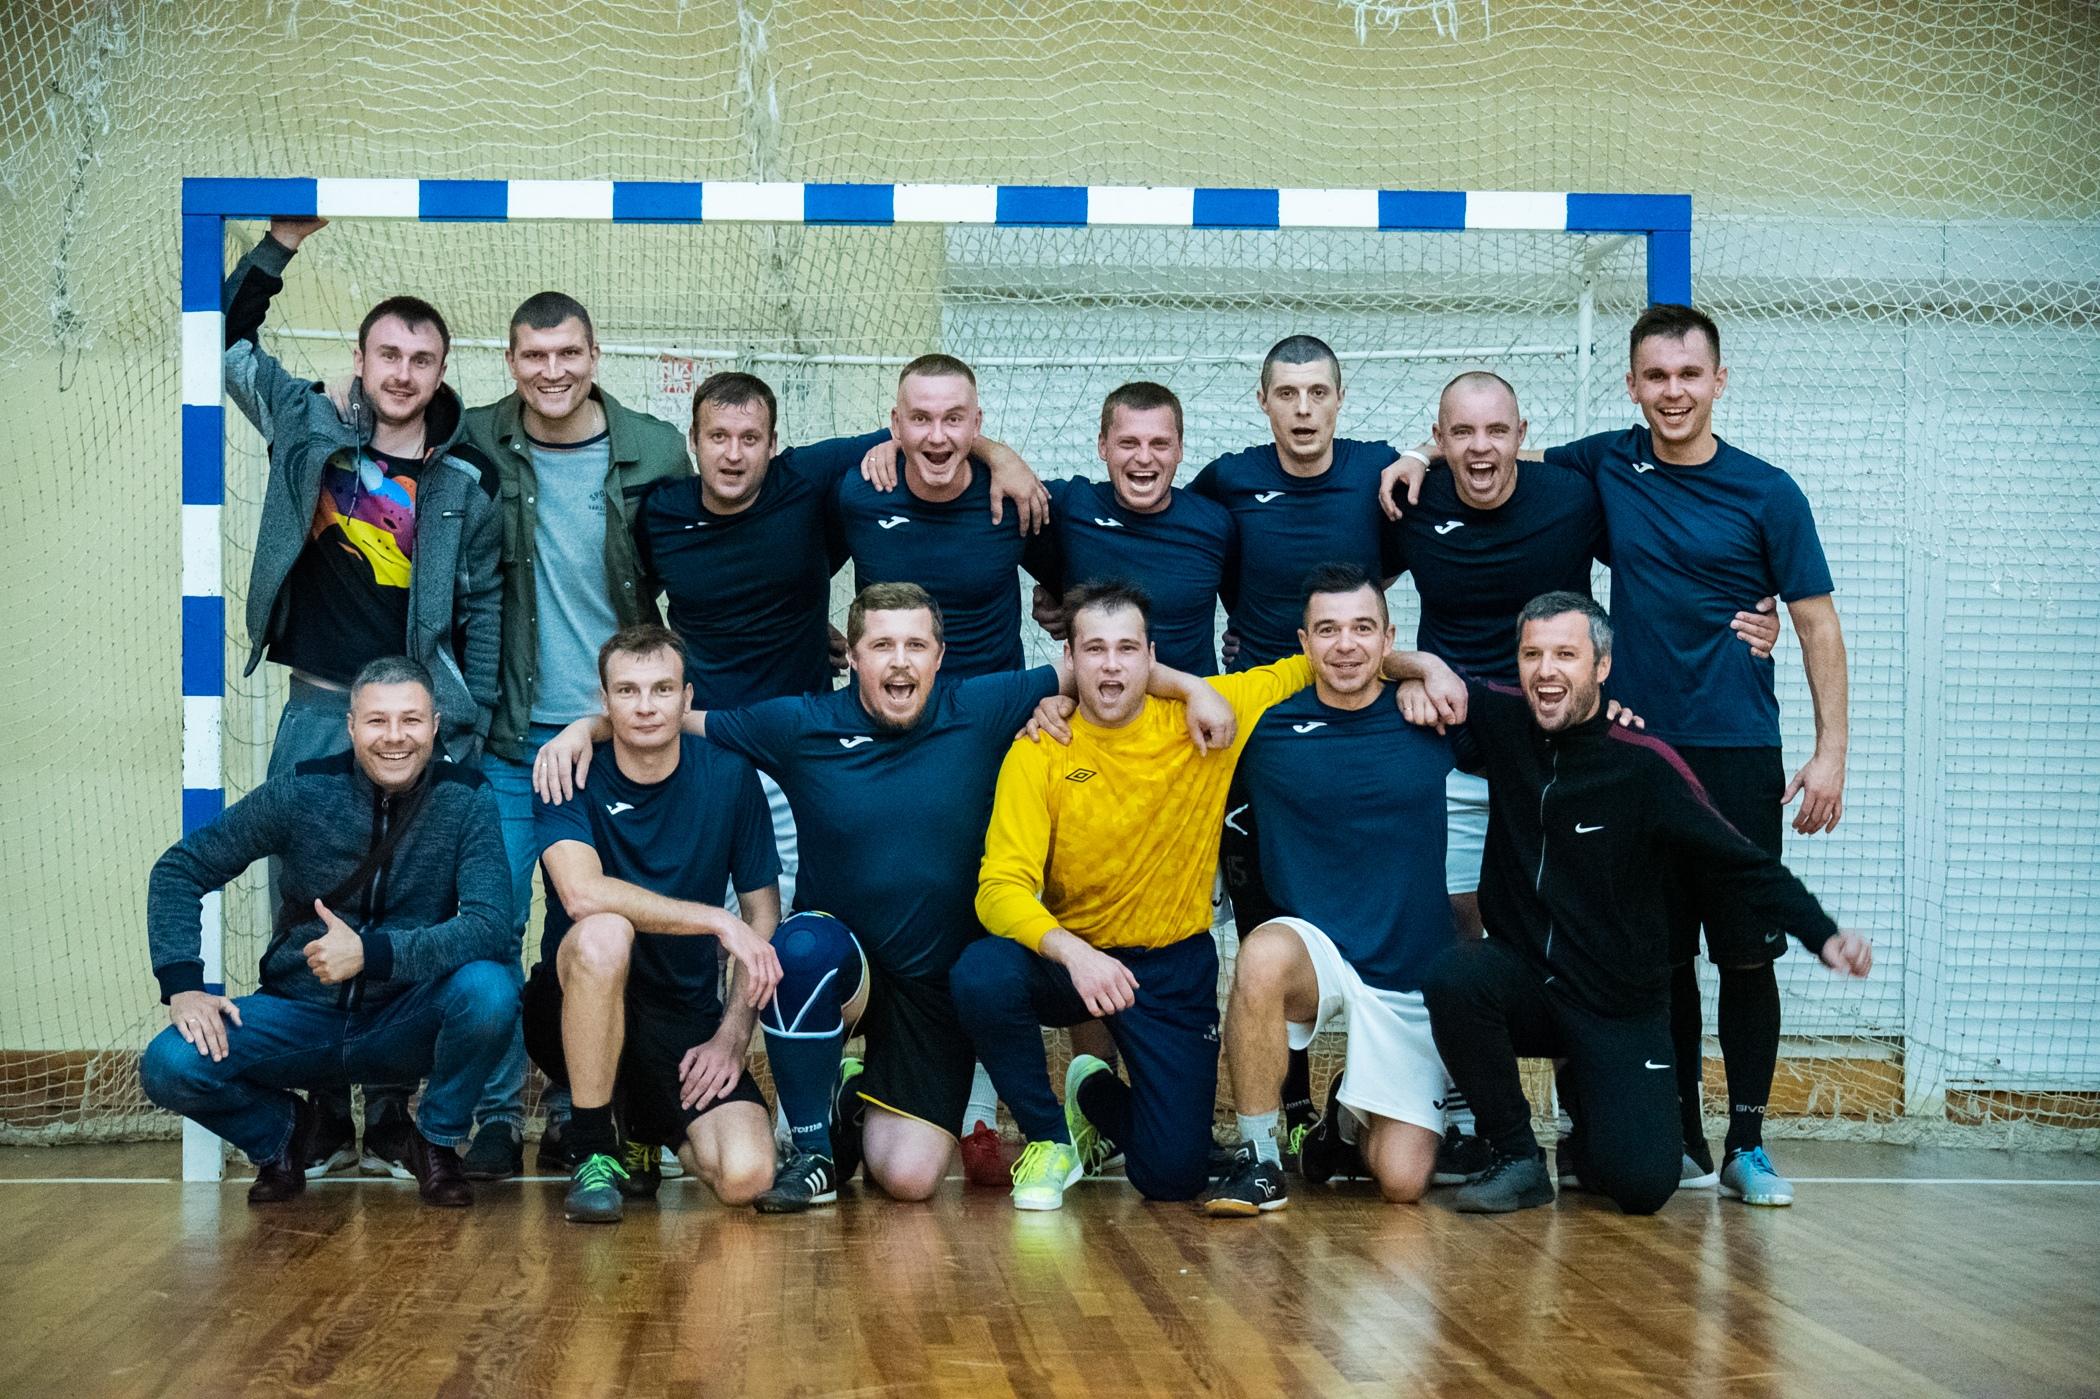 Белпочта — Победитель Премьерлиги 5х5 Д2 сезон 2019/2020.